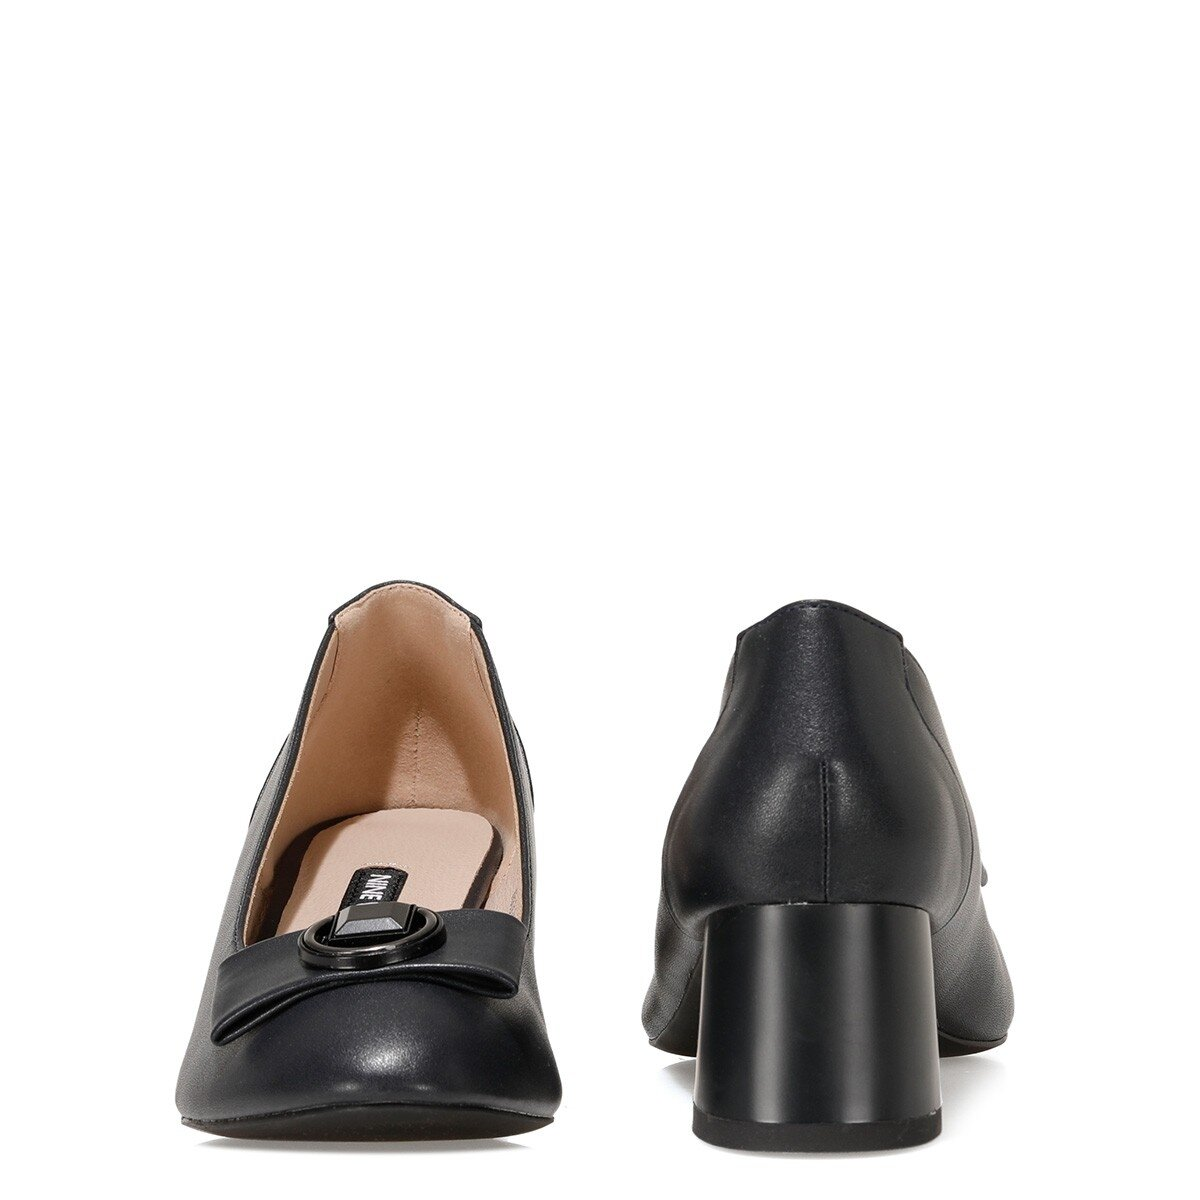 JODEE 1FX Lacivert Kadın Topuklu Ayakkabı